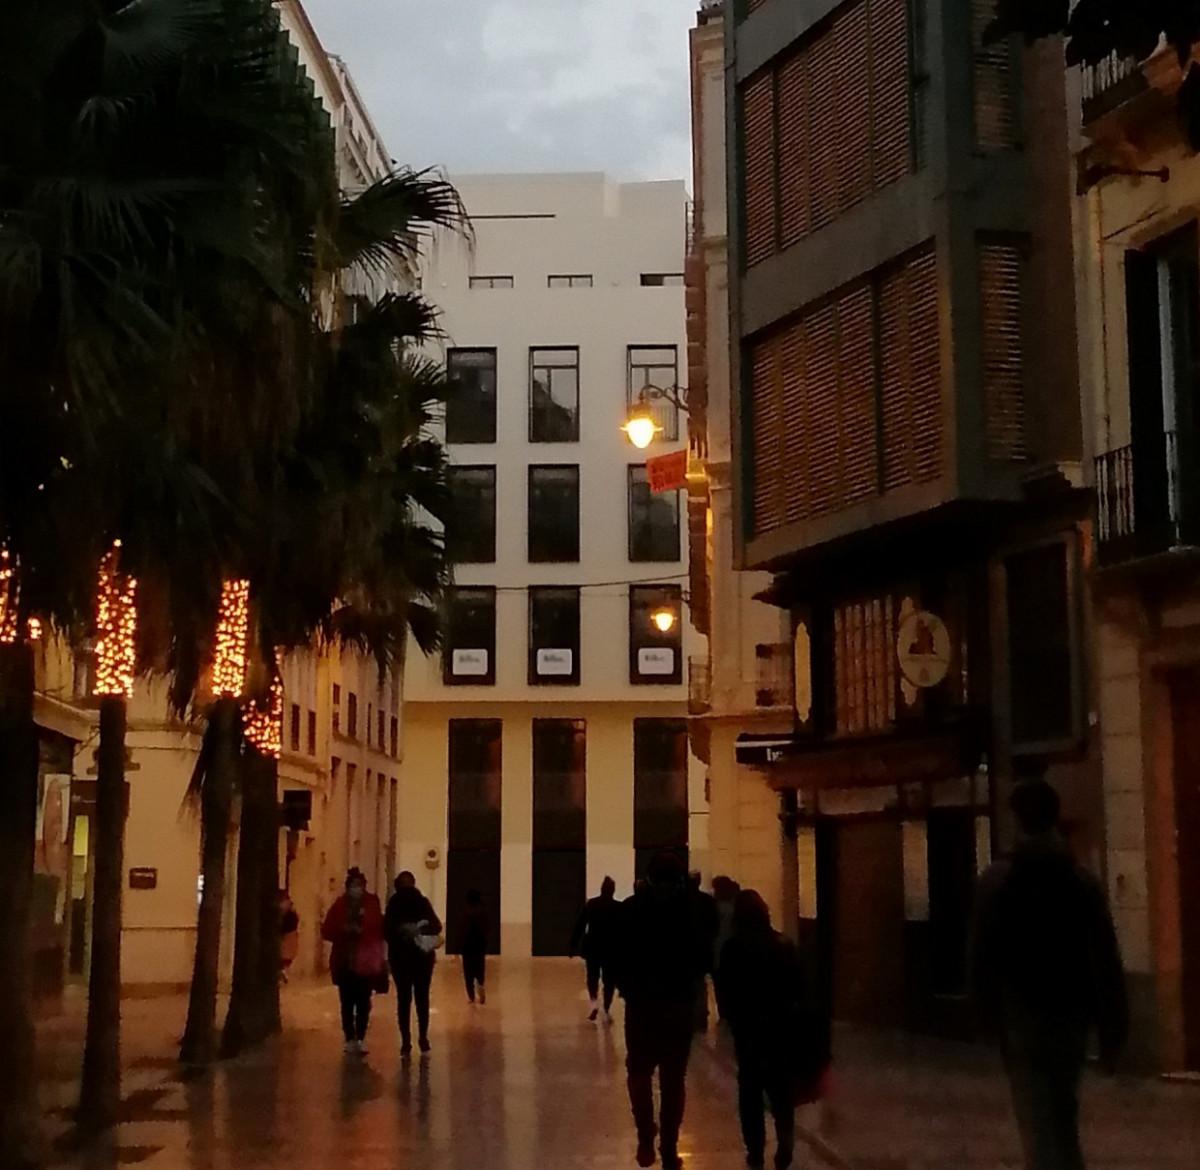 Nuevo edificio de apartamentos turísticos en el centro de Málaga 1